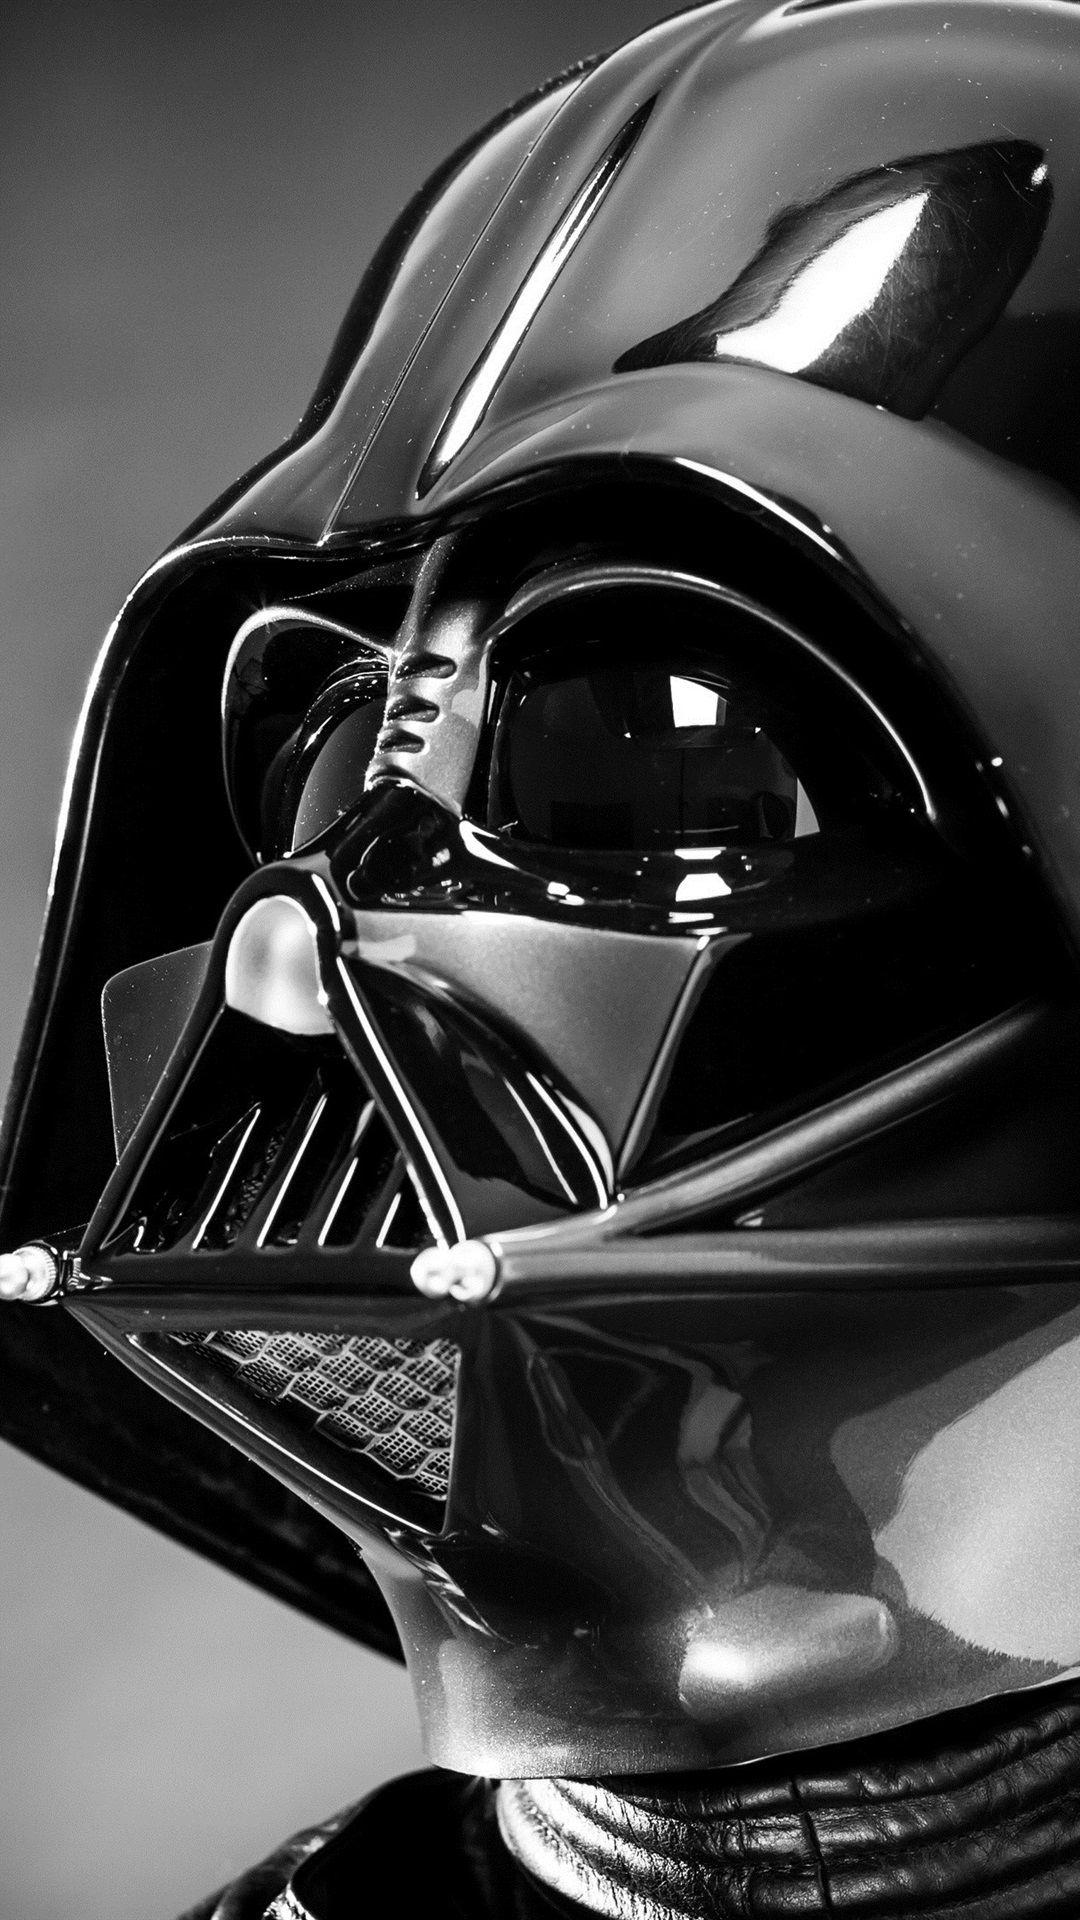 Darth Vader Rogue One Background Darth Vader Wallpaper Darth Vader Star Wars